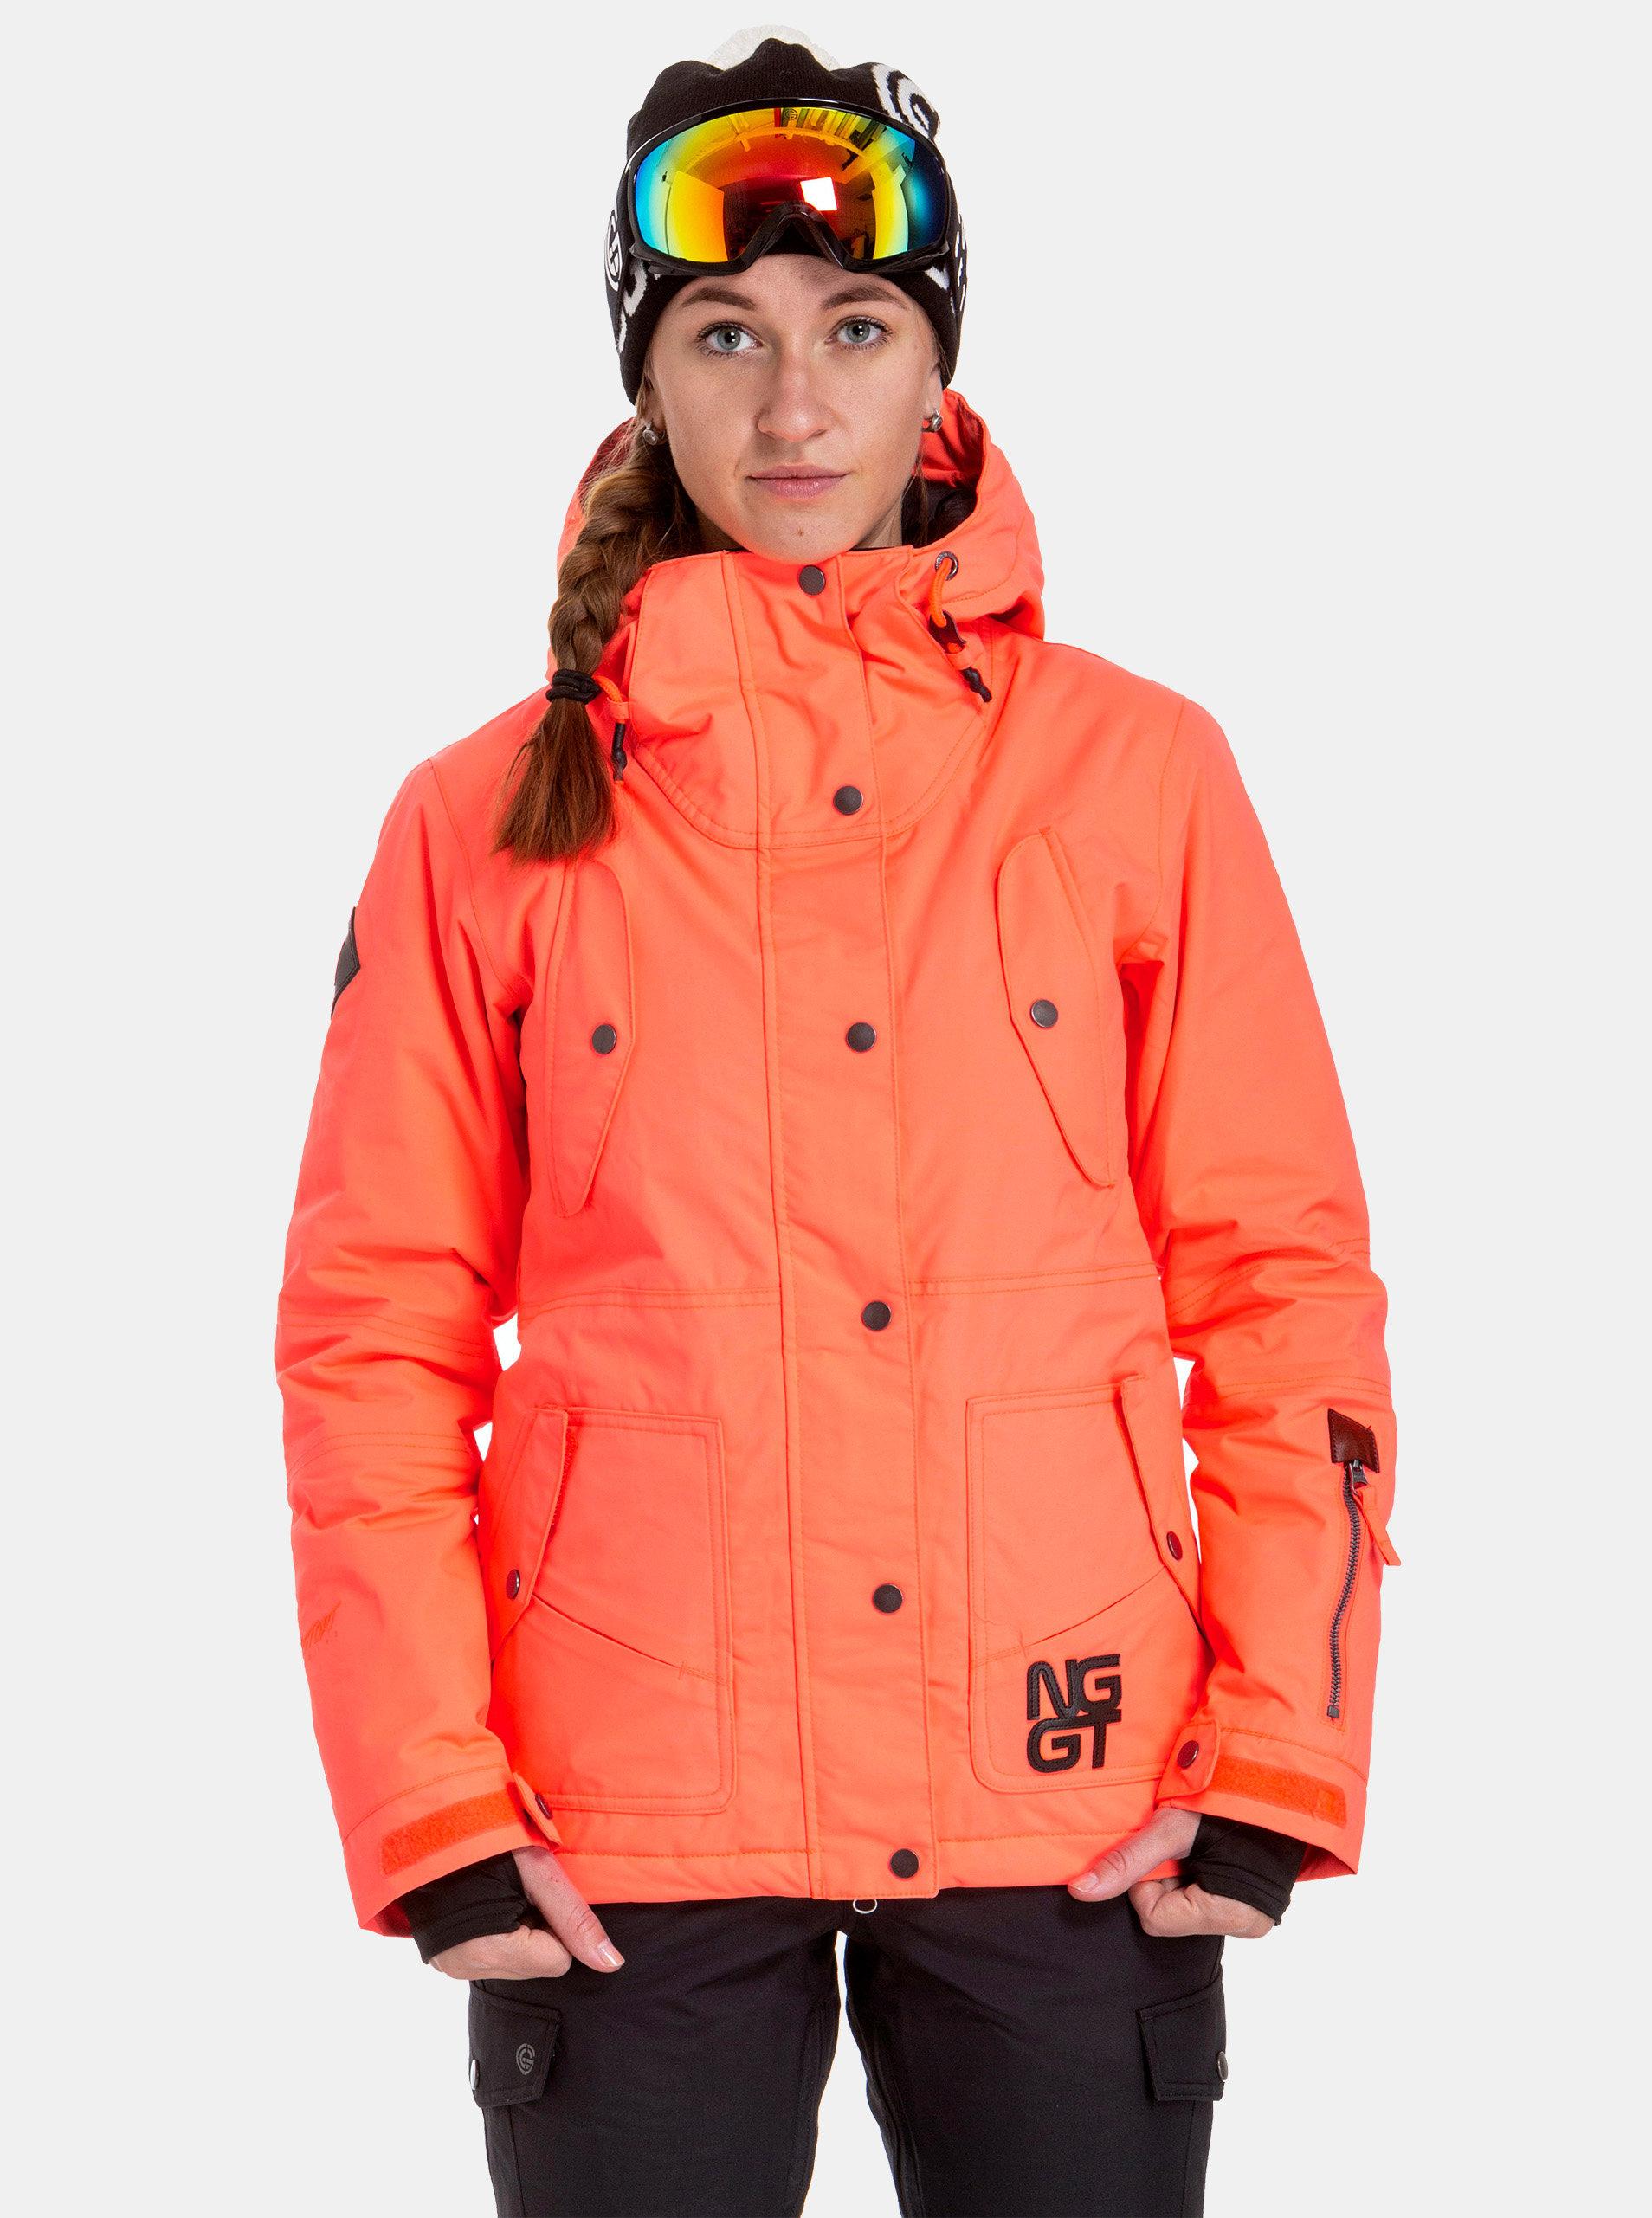 50bcdddcbe Neónovo–oranžová dámska nepremokavá snowboardová bunda NUGGET Anja ...